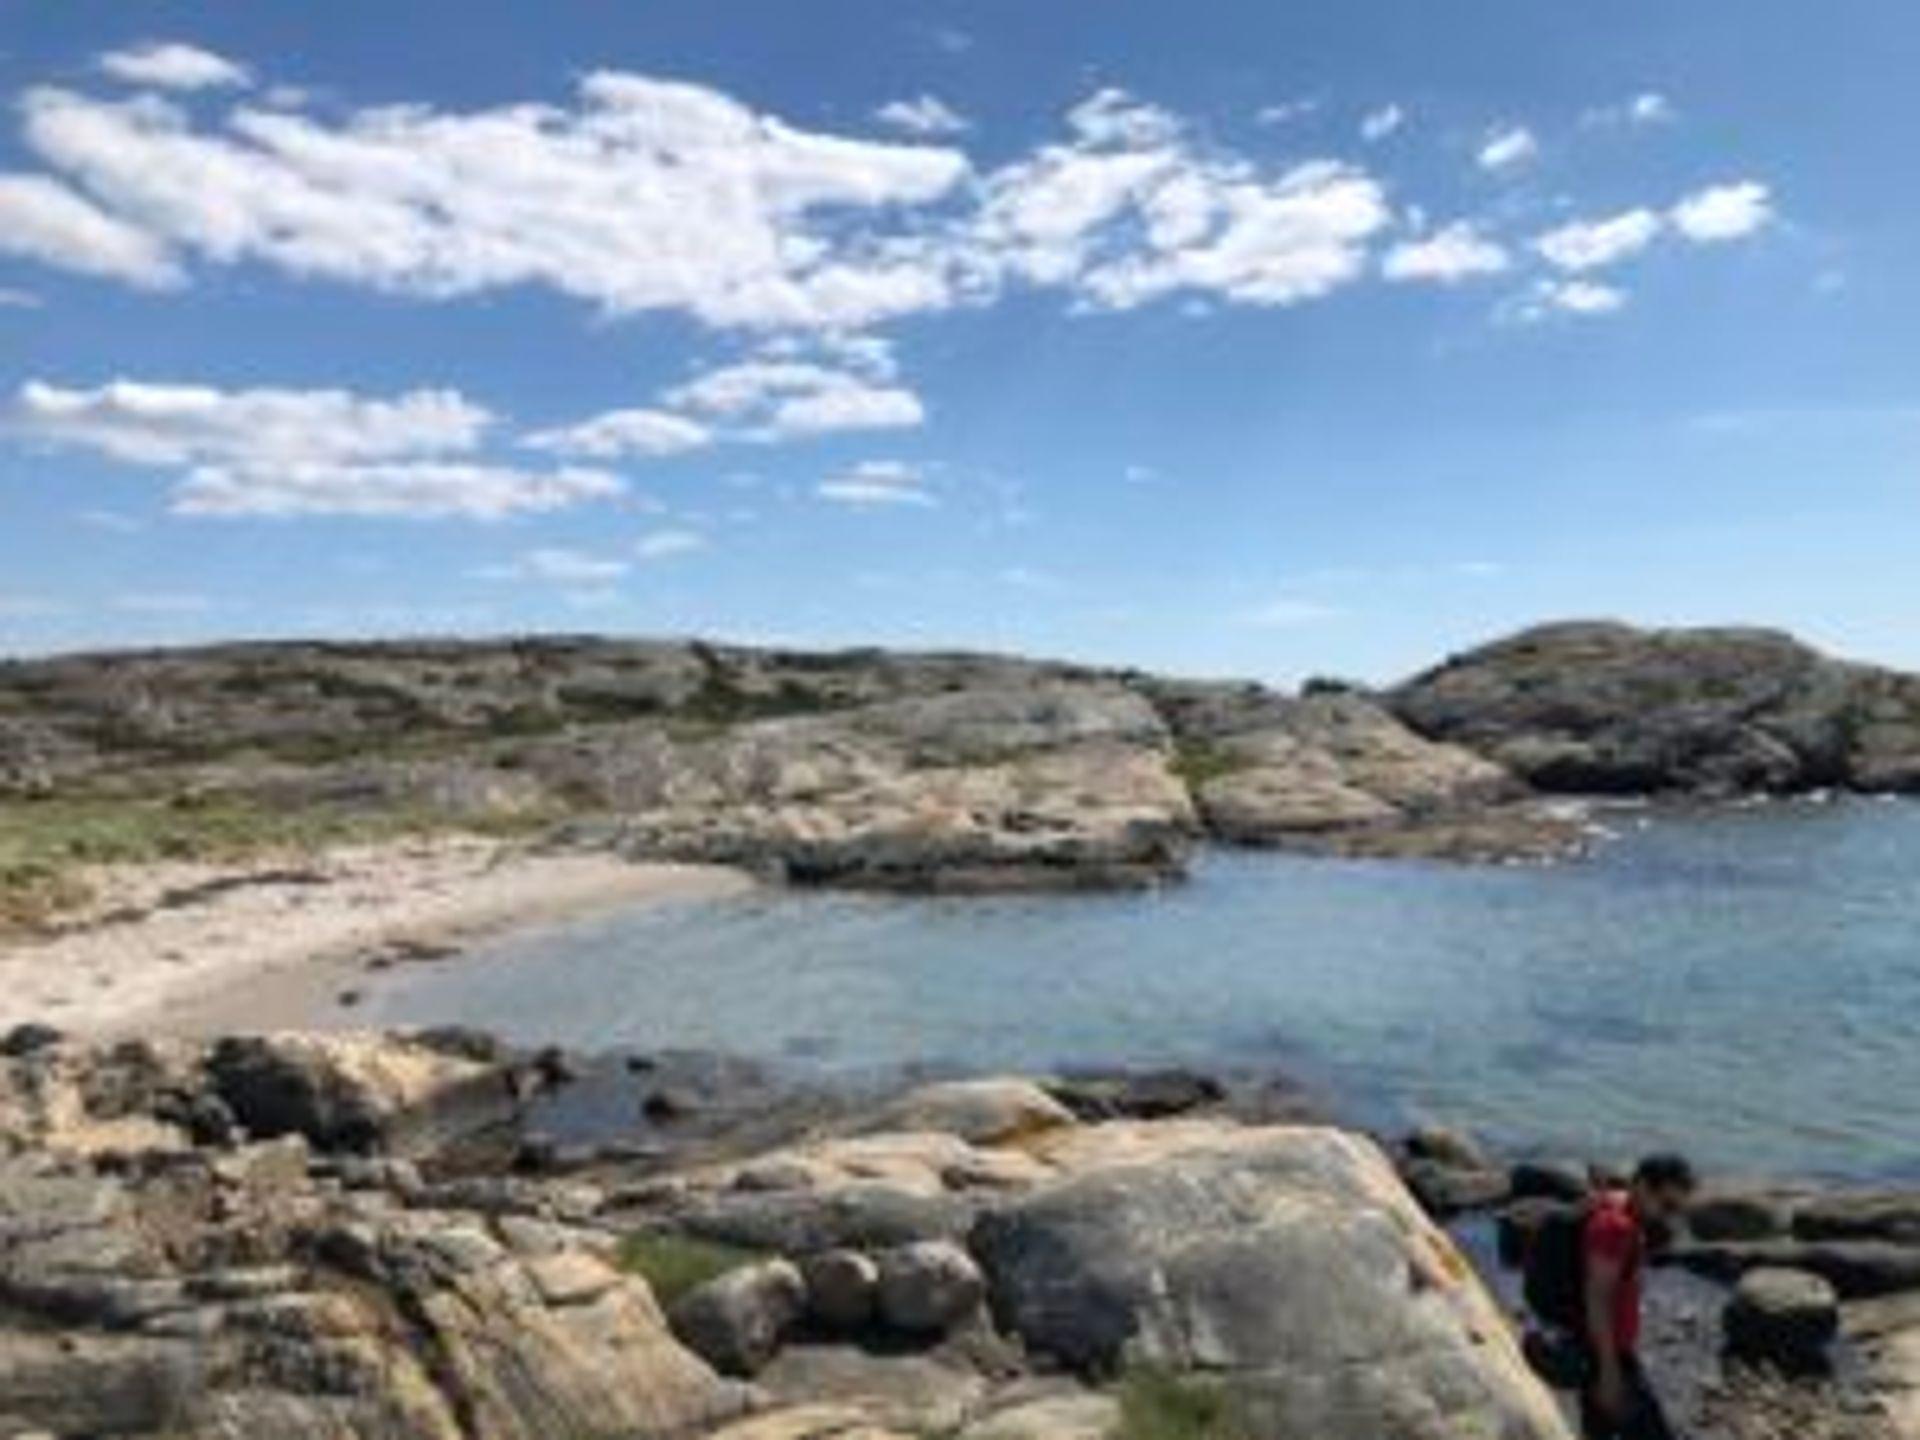 A rocky beach on the island.